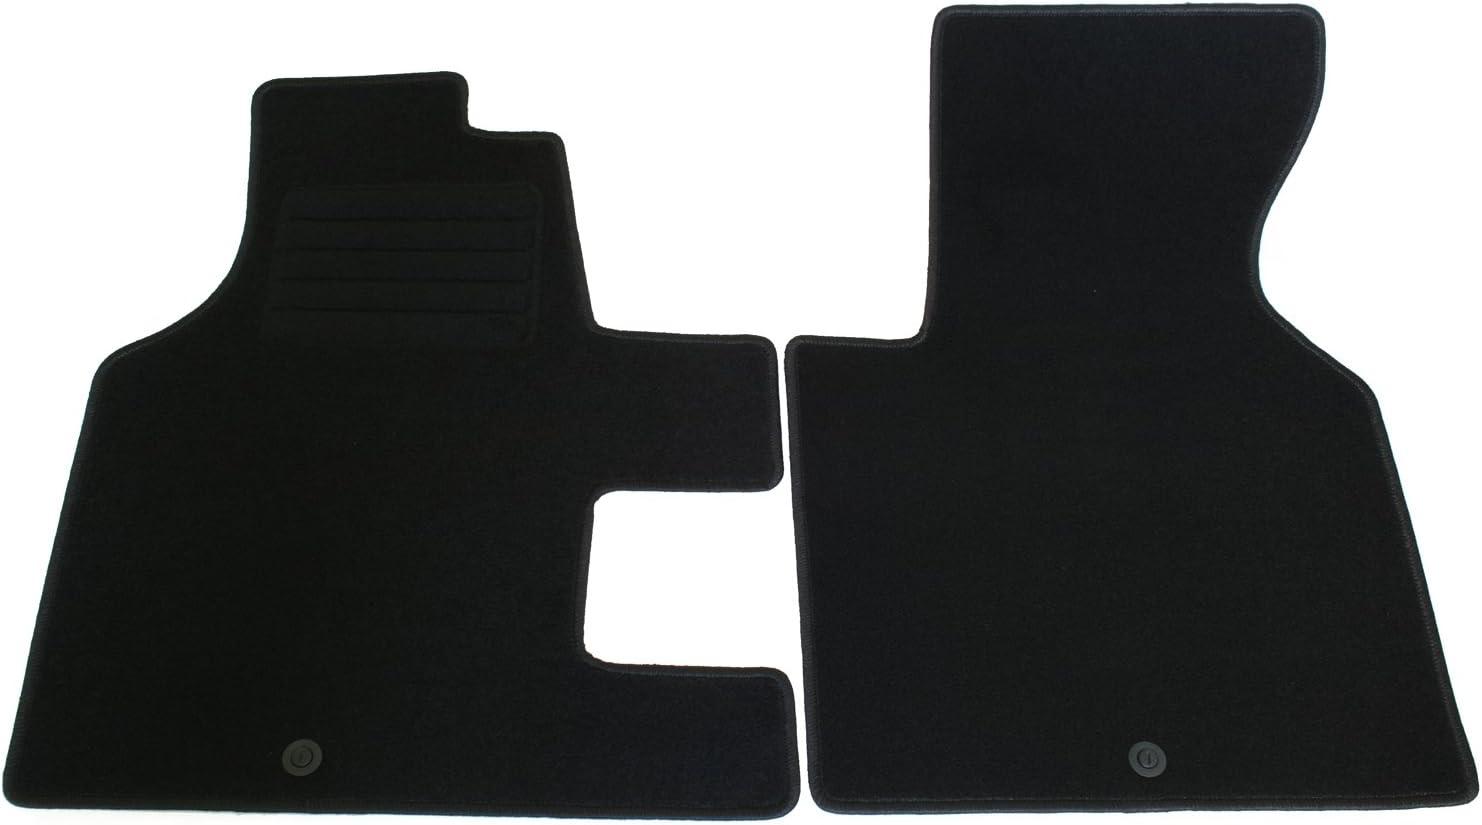 Ad Tuning Gmbh Hg2118t Velours Passform Fußmatten Set Schwarz Auto